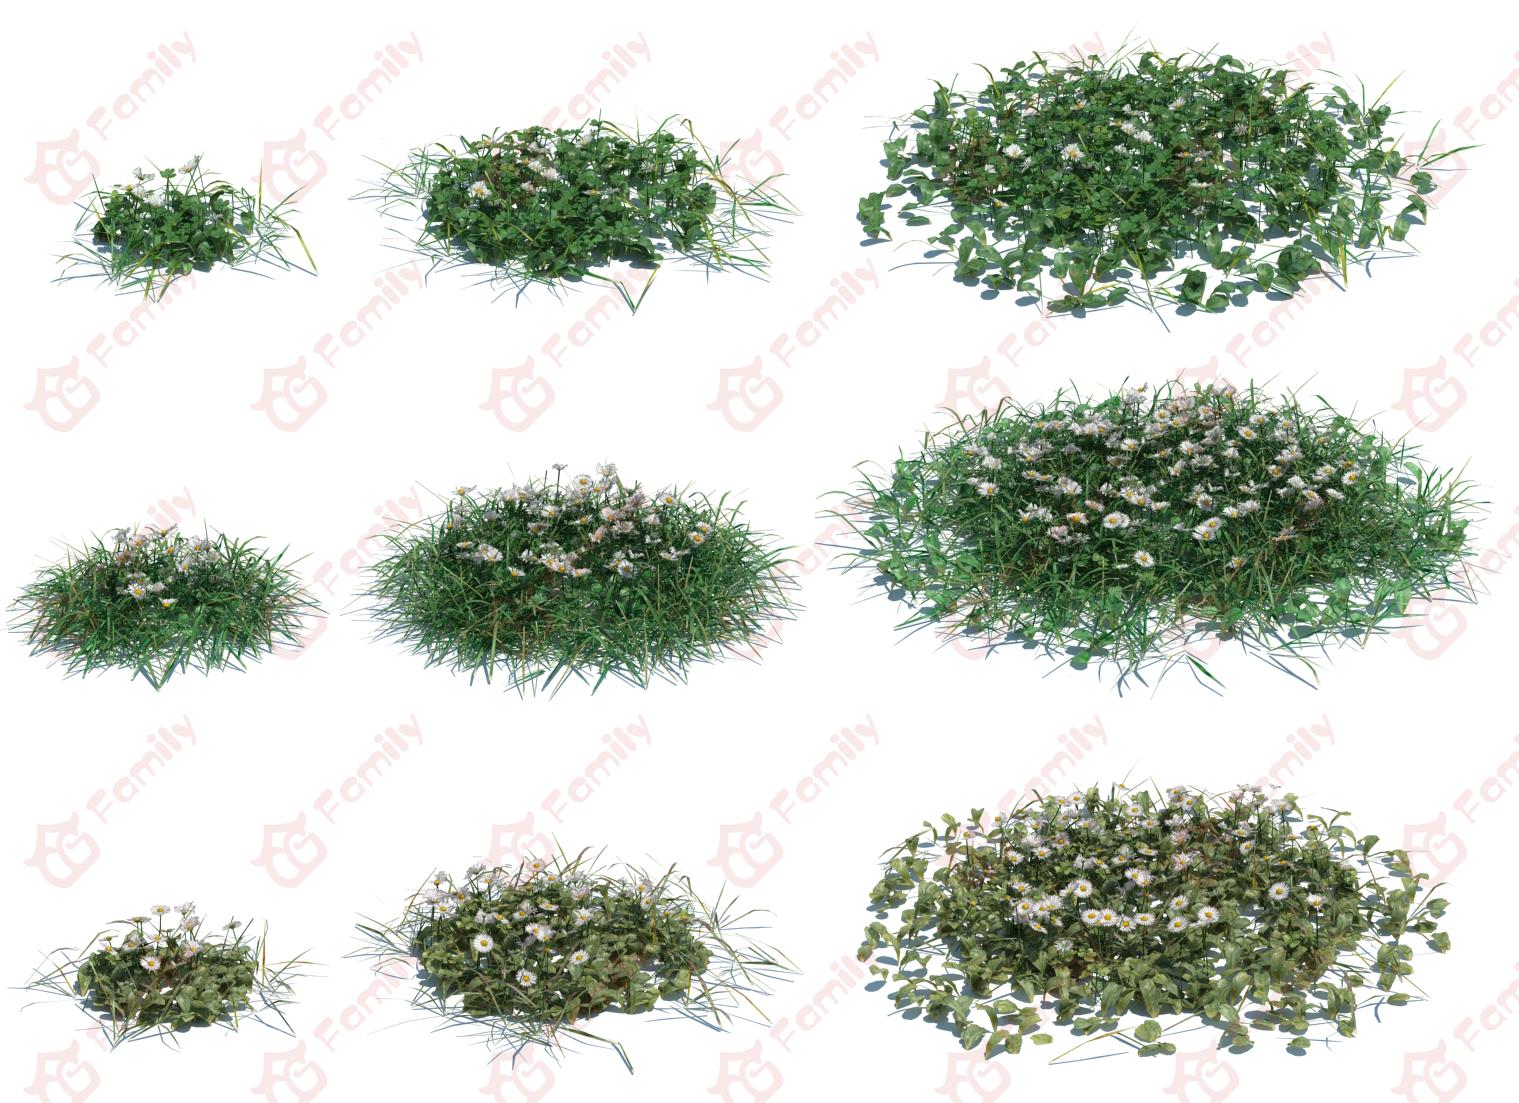 植物 花草 高进度草模型 花卉 绿草